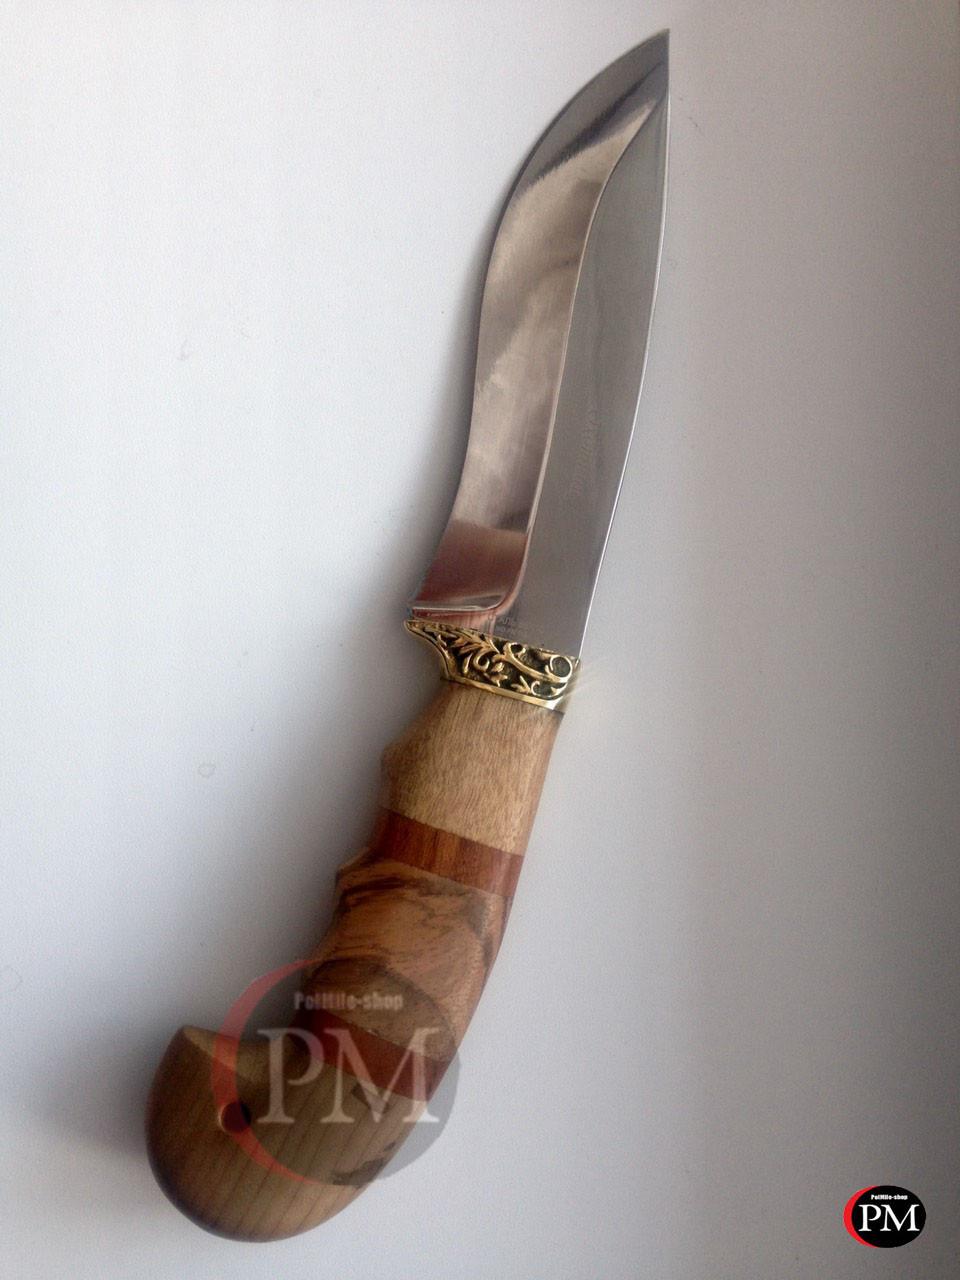 Ніж мисливський Мисливець FB 1858 Елітний ніж Крокодил. Надійний фірмовий ніж